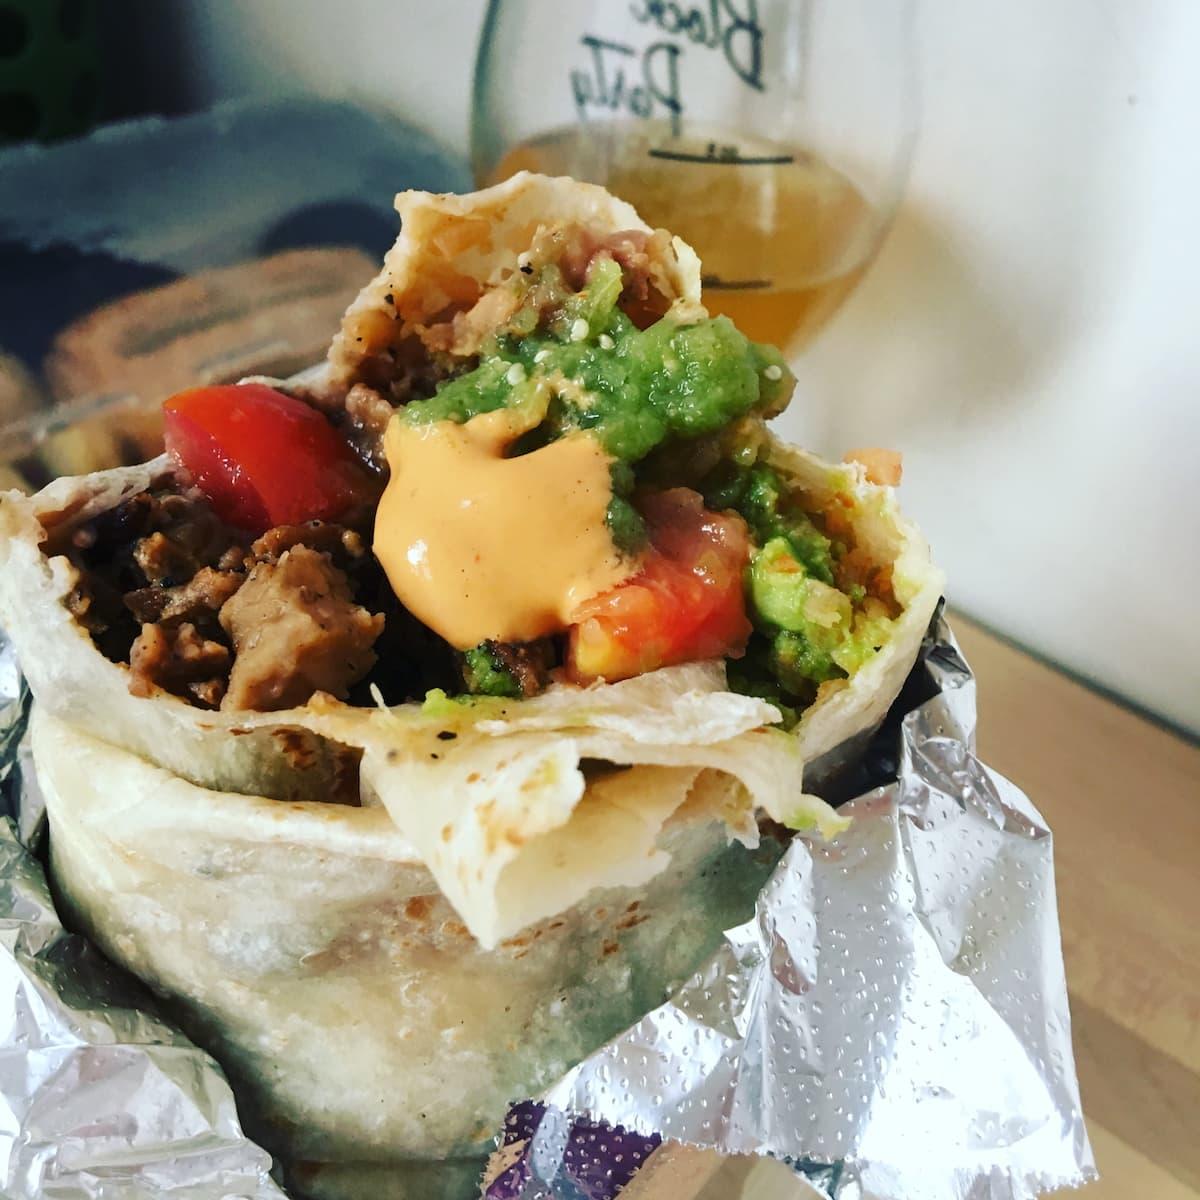 fully loaded burrito from cena vegan in la